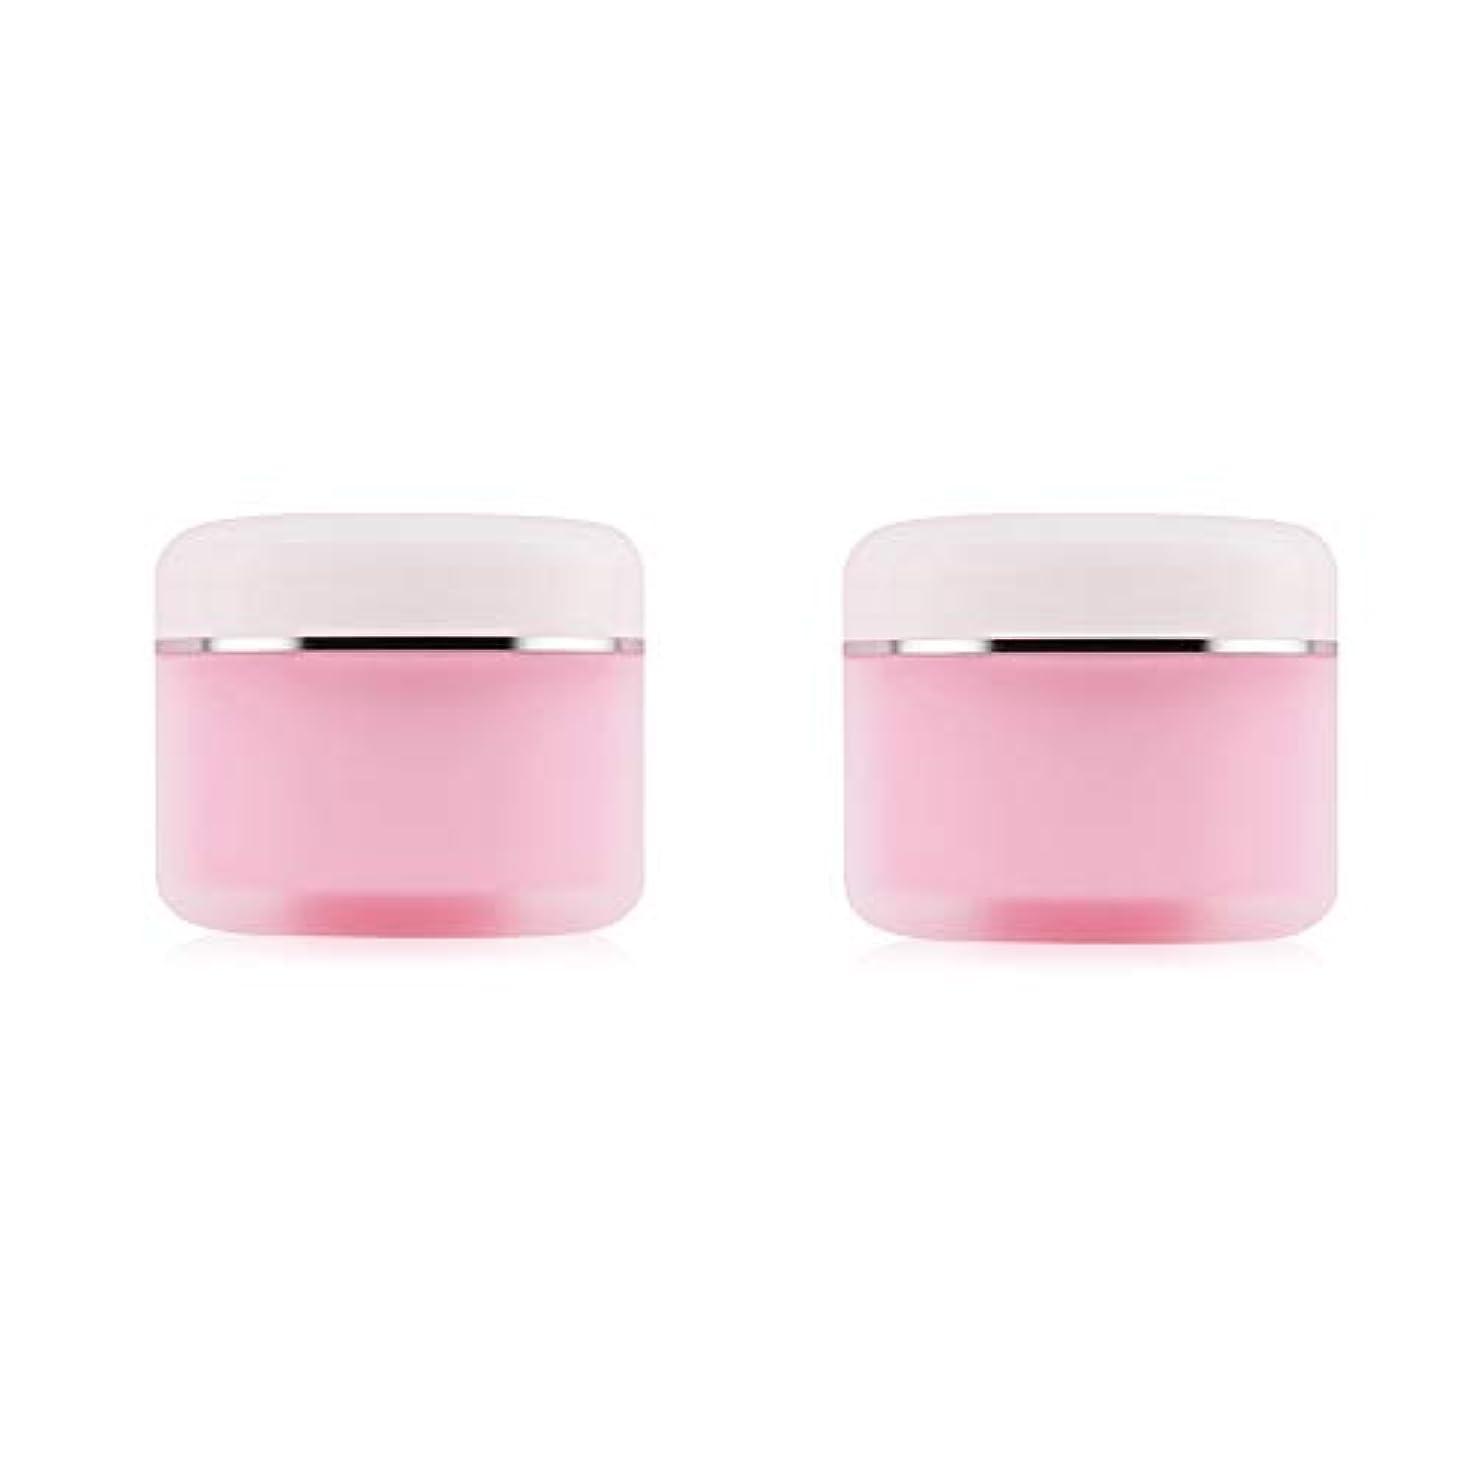 進化する寛大な極めて2個入りクリームケース化粧品 詰め替え容器 小分け容器 メイクアップジャー 携帯用 収納 旅行用品(ピンク150g)